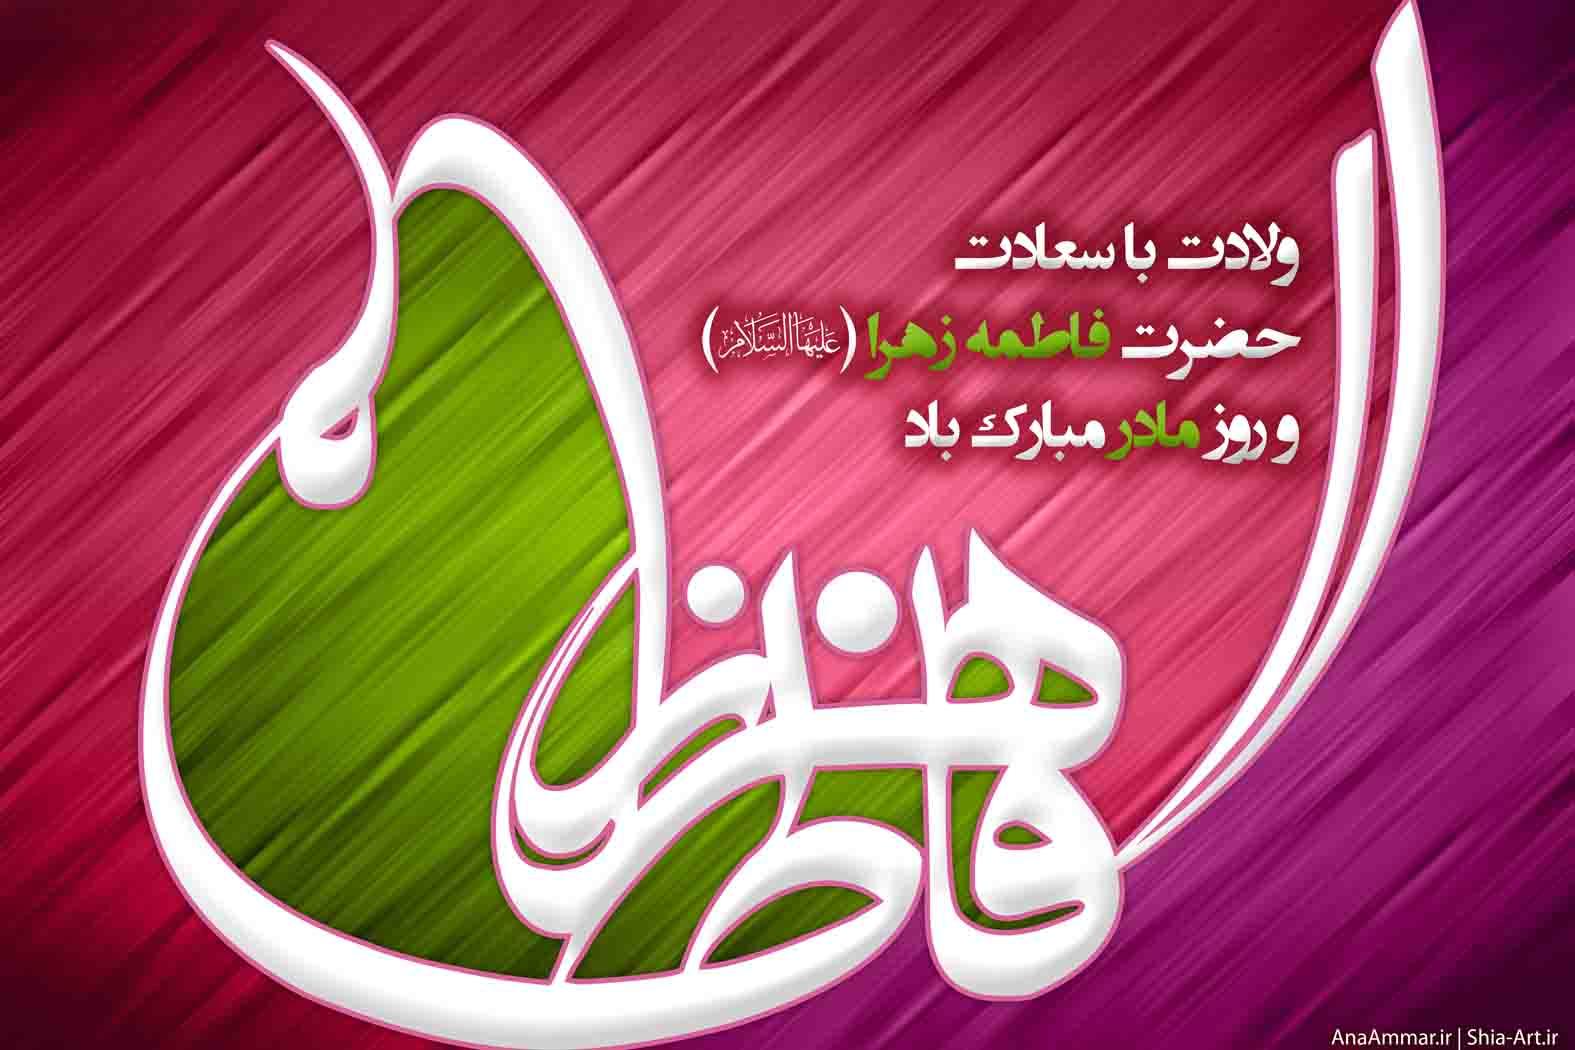 تبریک میلاد حضرت فاطمه (س) و روز زن